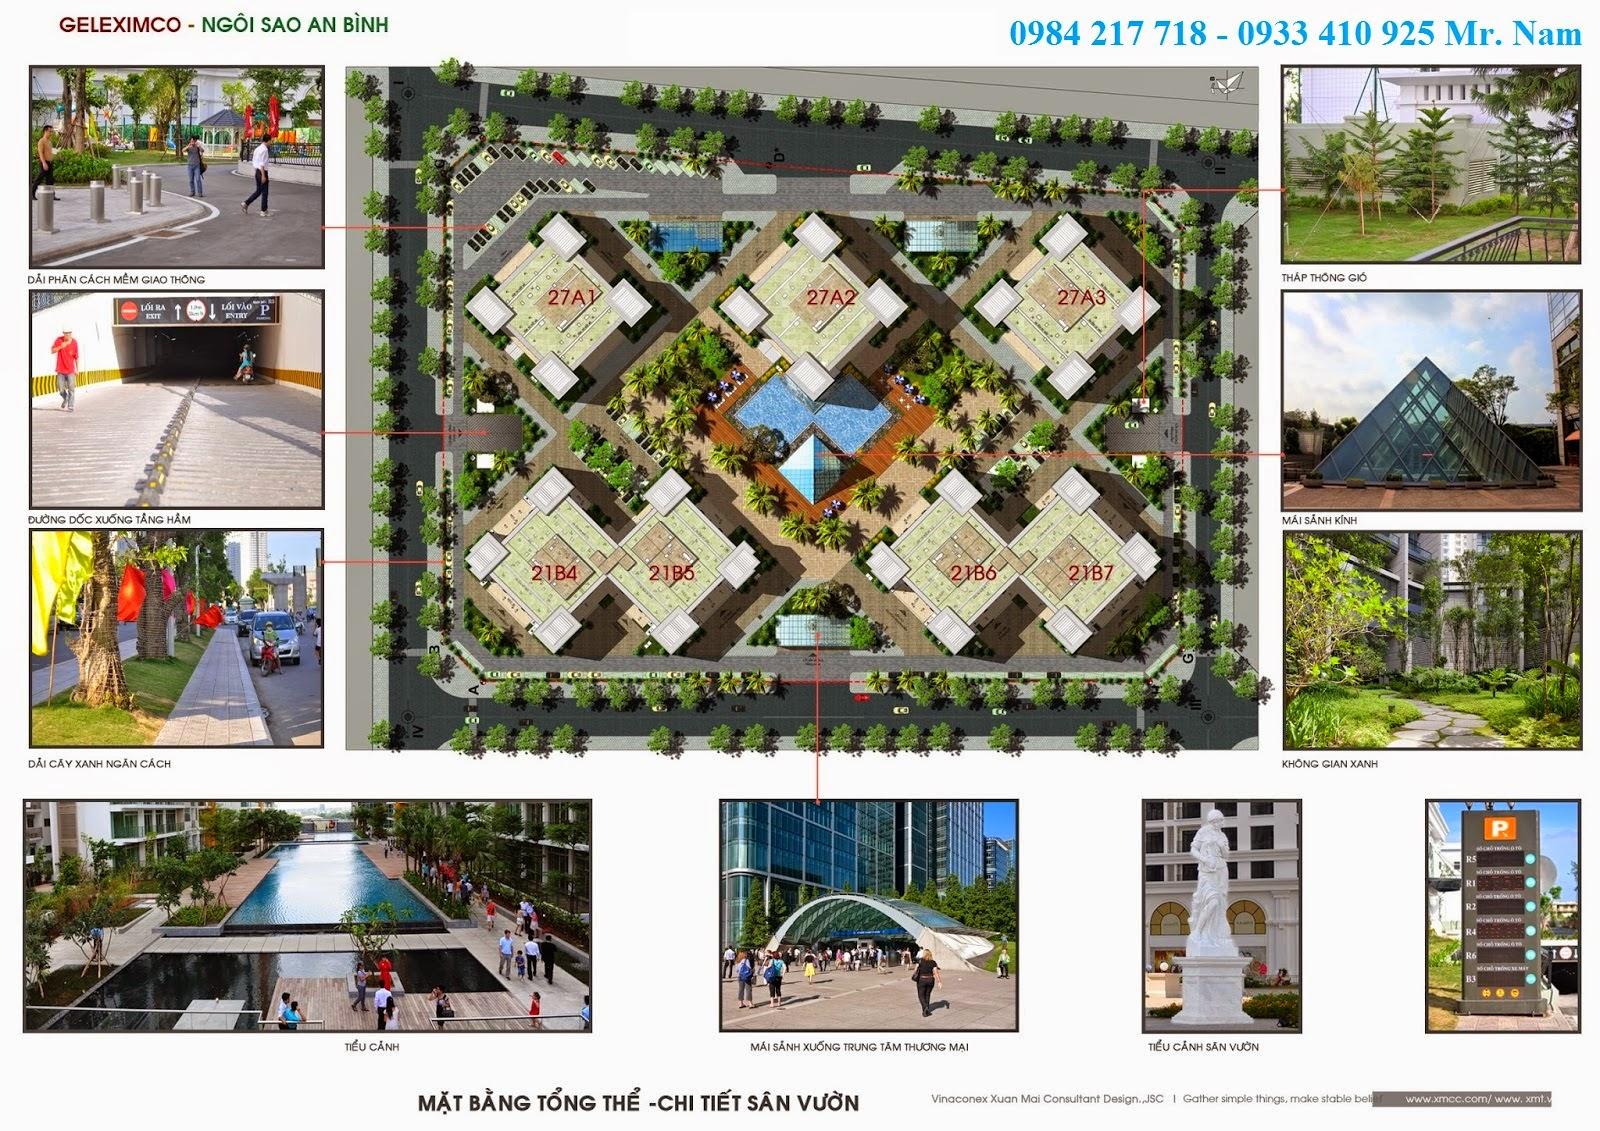 Mặt bằng tổng thể dự án chung cư Green Stars gồm 7 toà nhà cao từ 21 đến 27 tầng